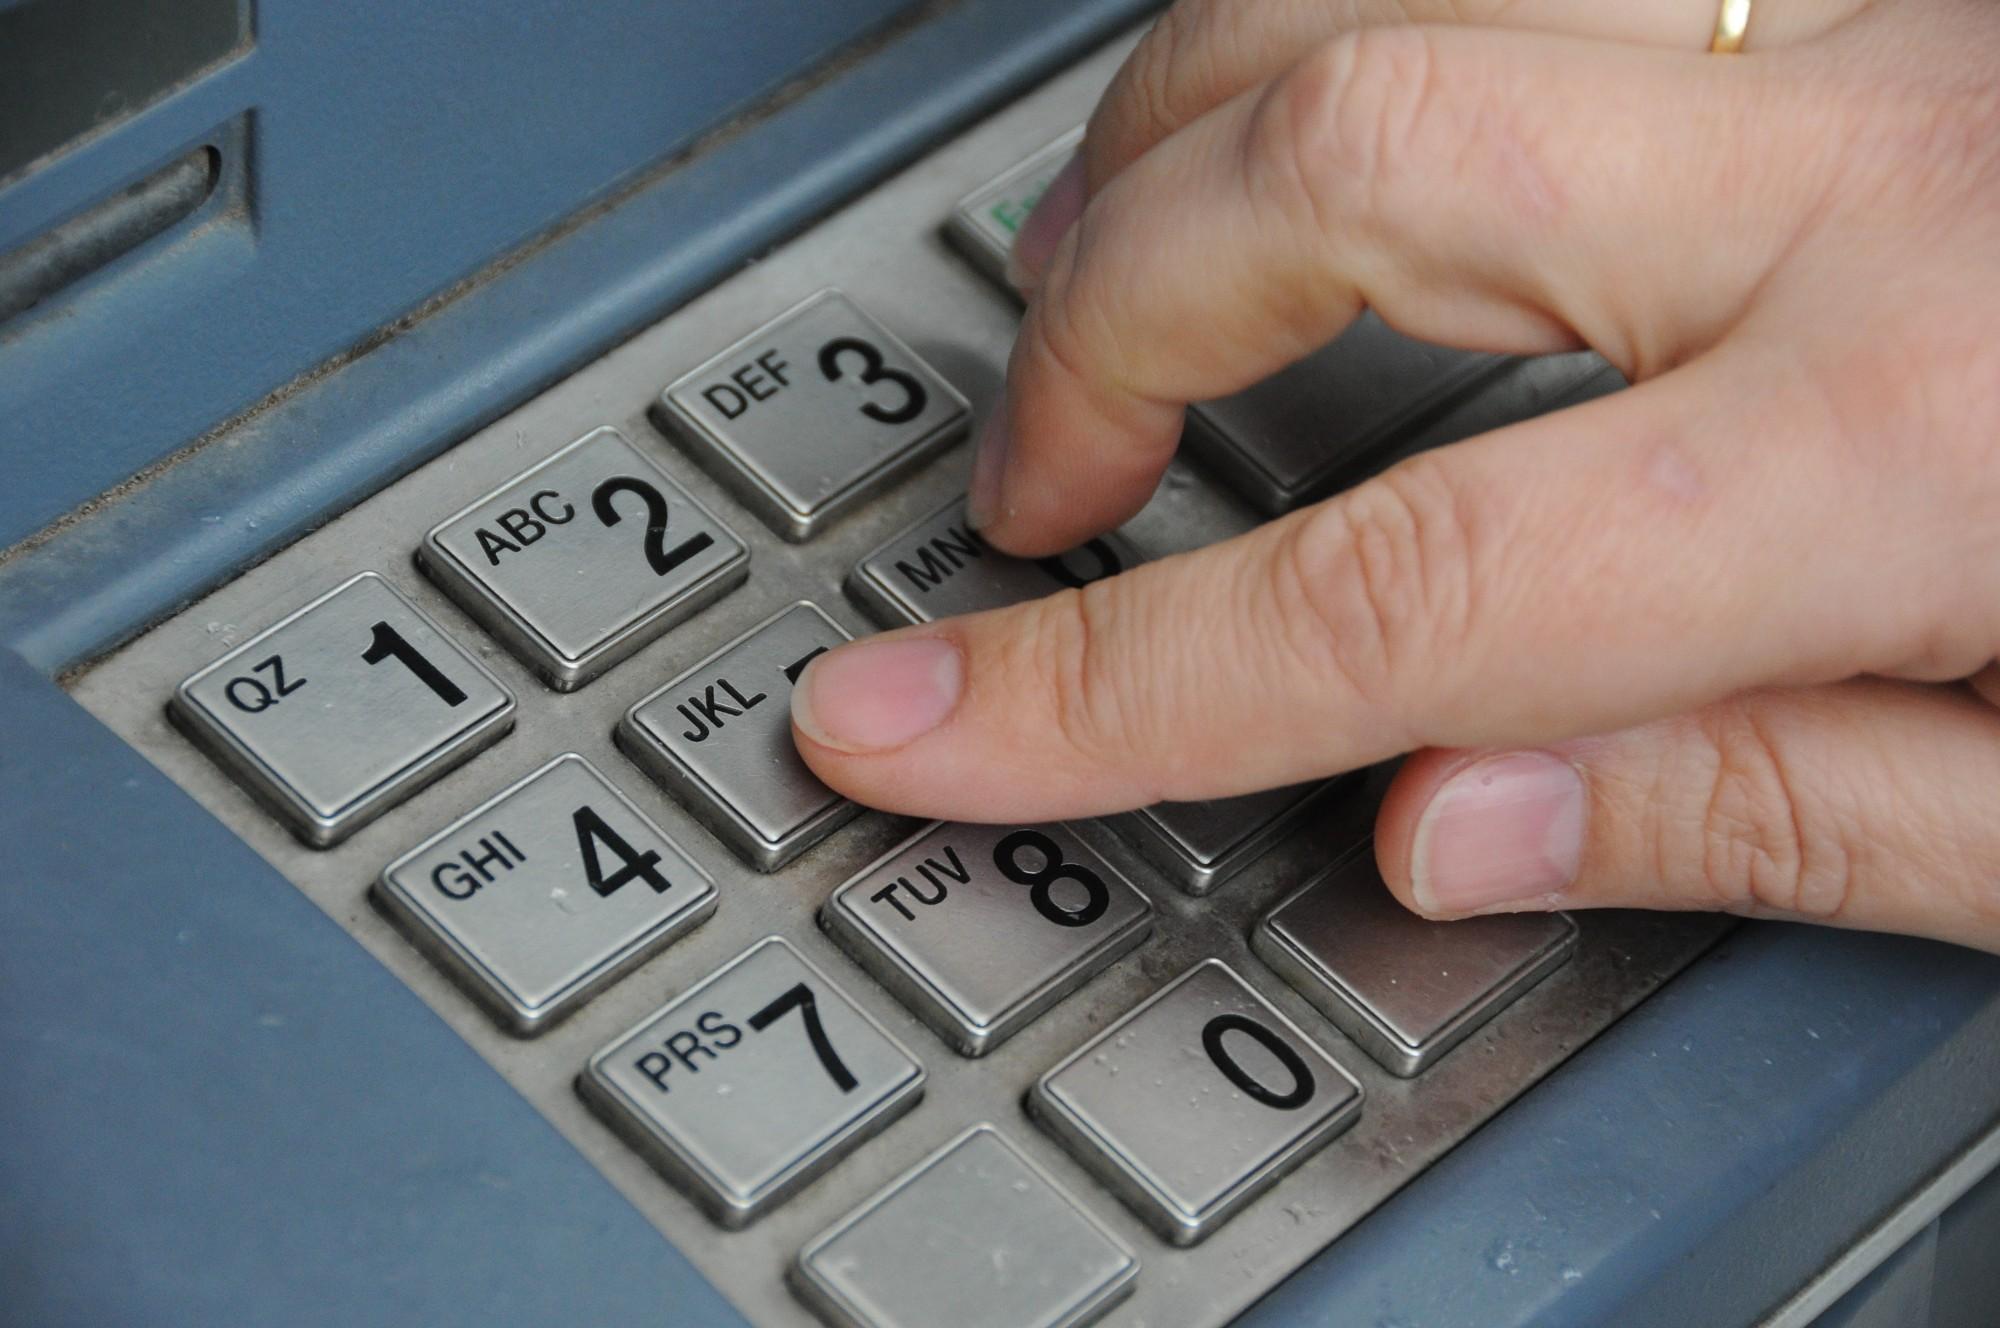 Liepājniekampēc savu bankas datu izpaušanas no konta noņemti 9900 eiro